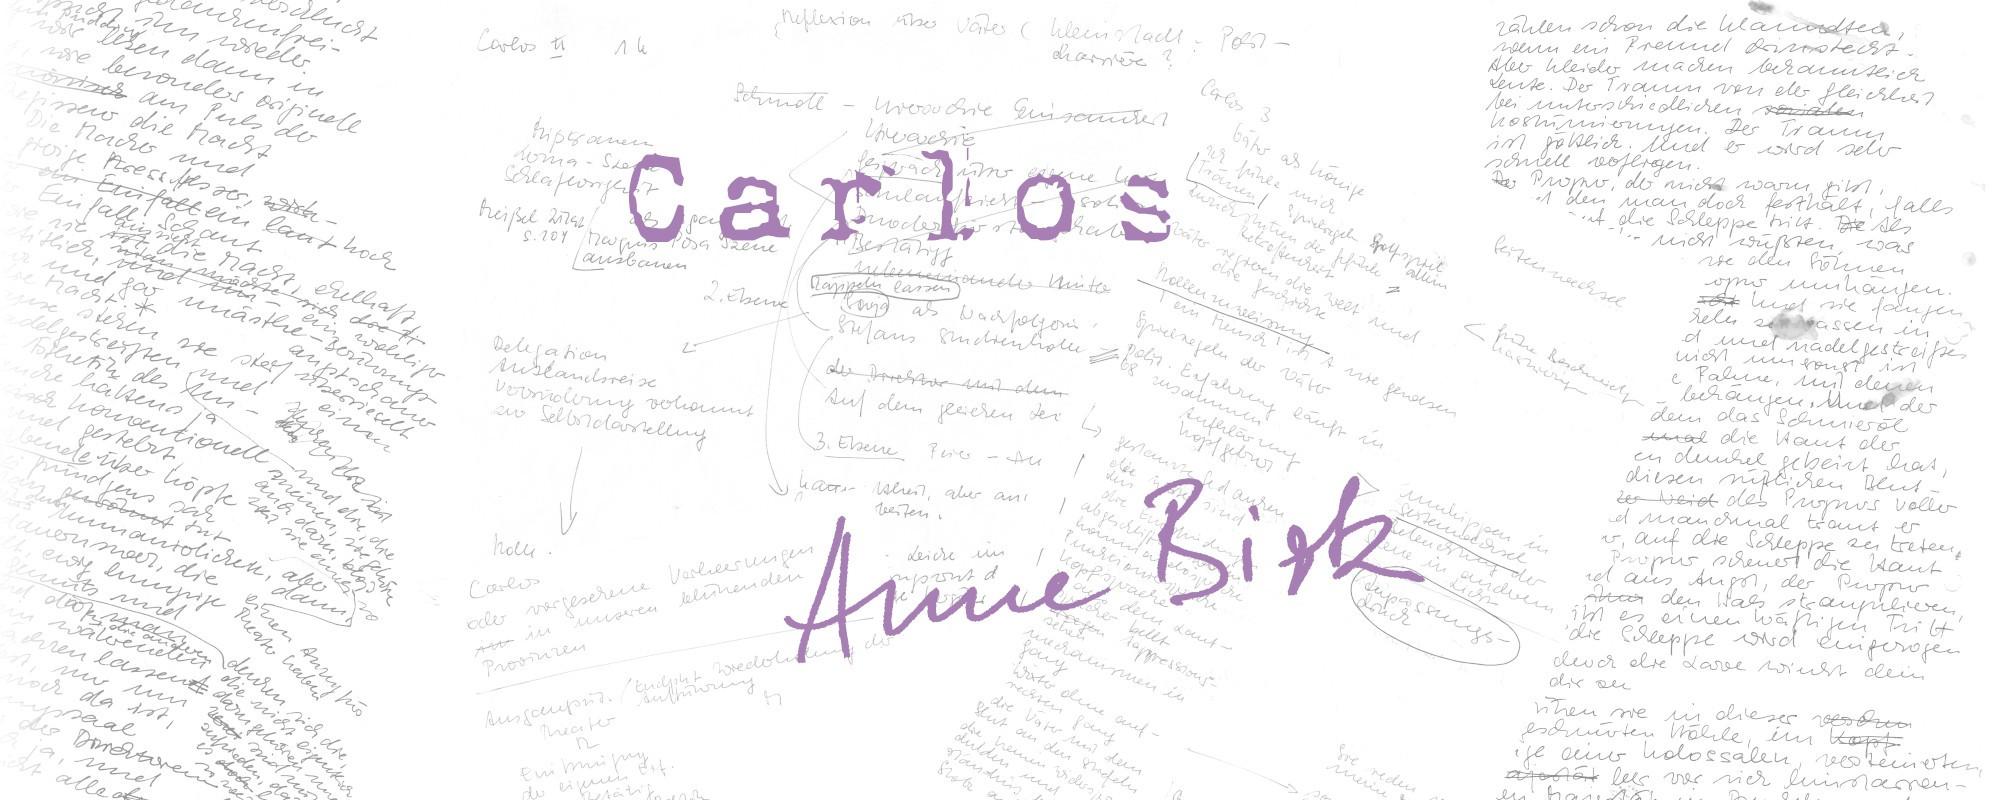 Anne-Birk-Carlos-Schriftbild